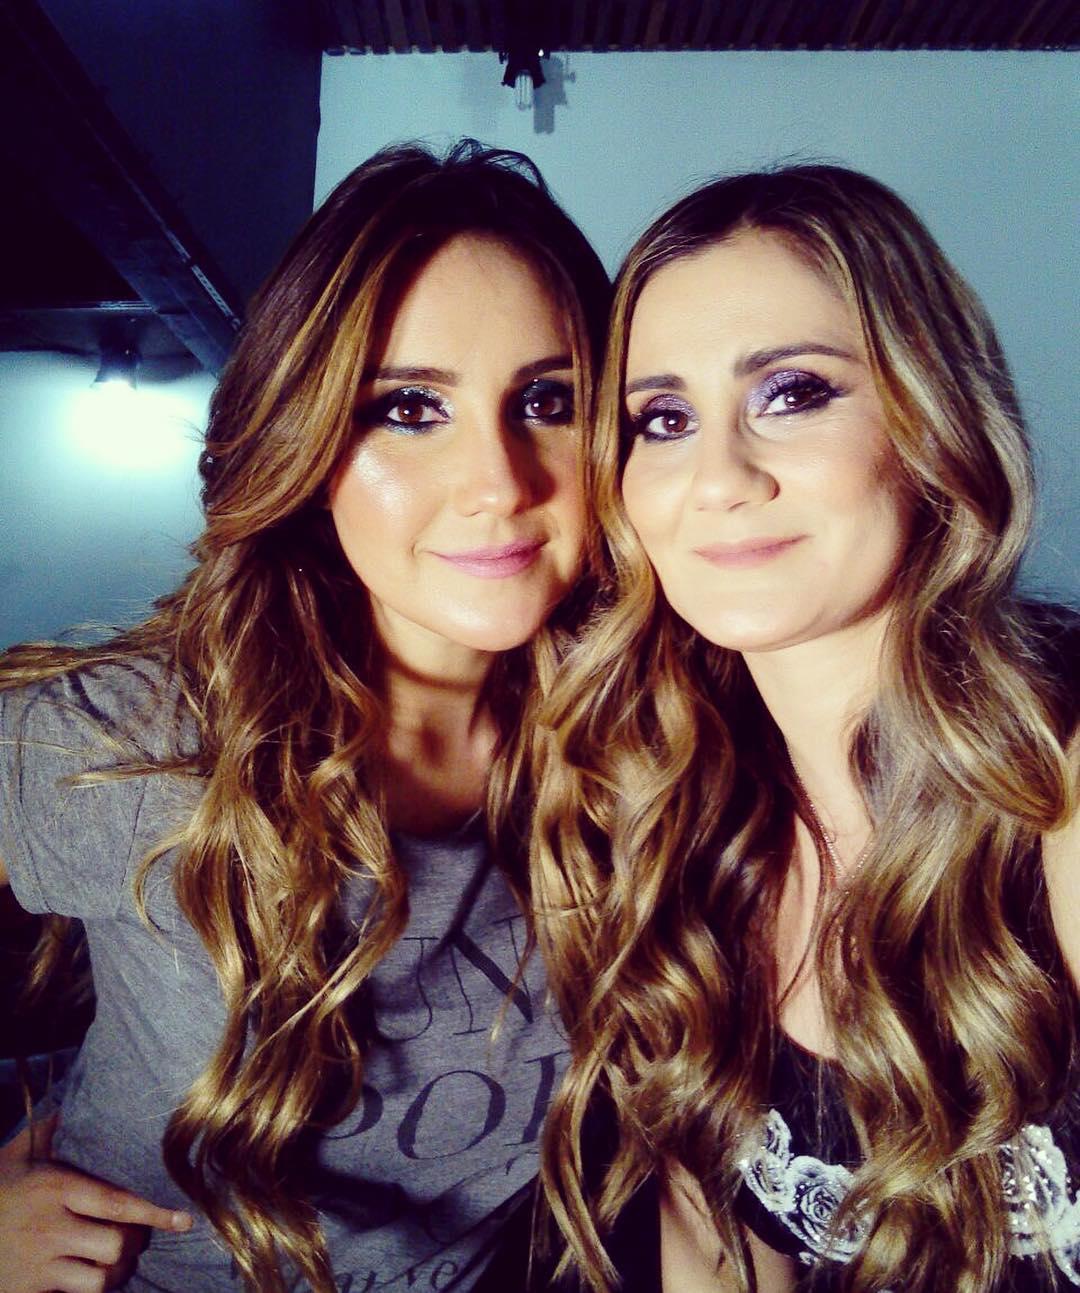 Conoce a la hermana de Dulce María ¡Parecen gemelas! [FOTOS — Instagram